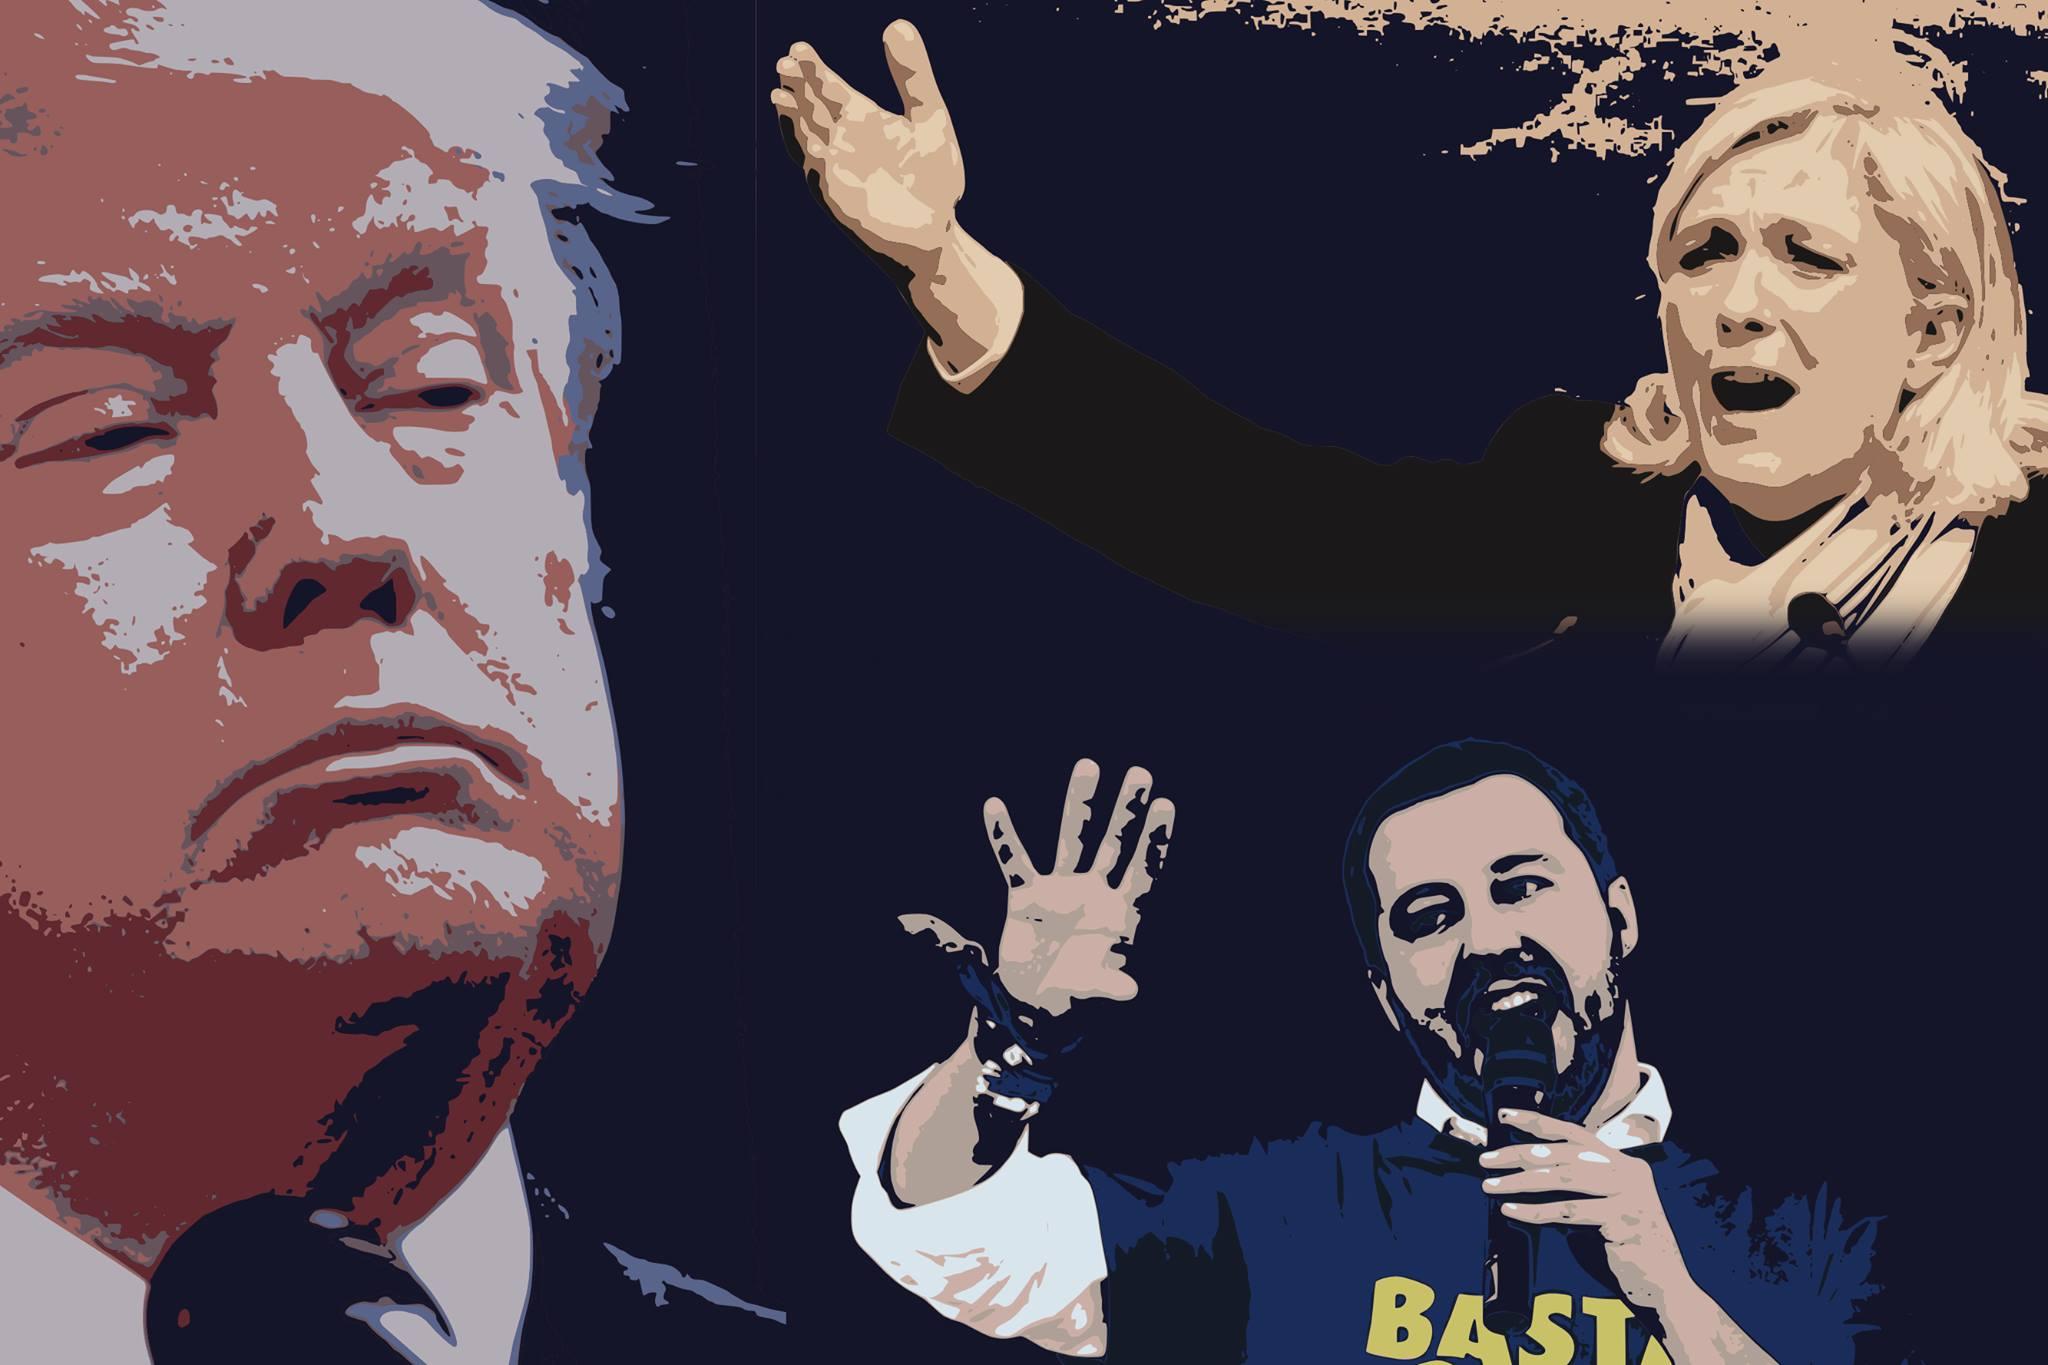 La perenne lotta antifascista – Claudio Antonelli